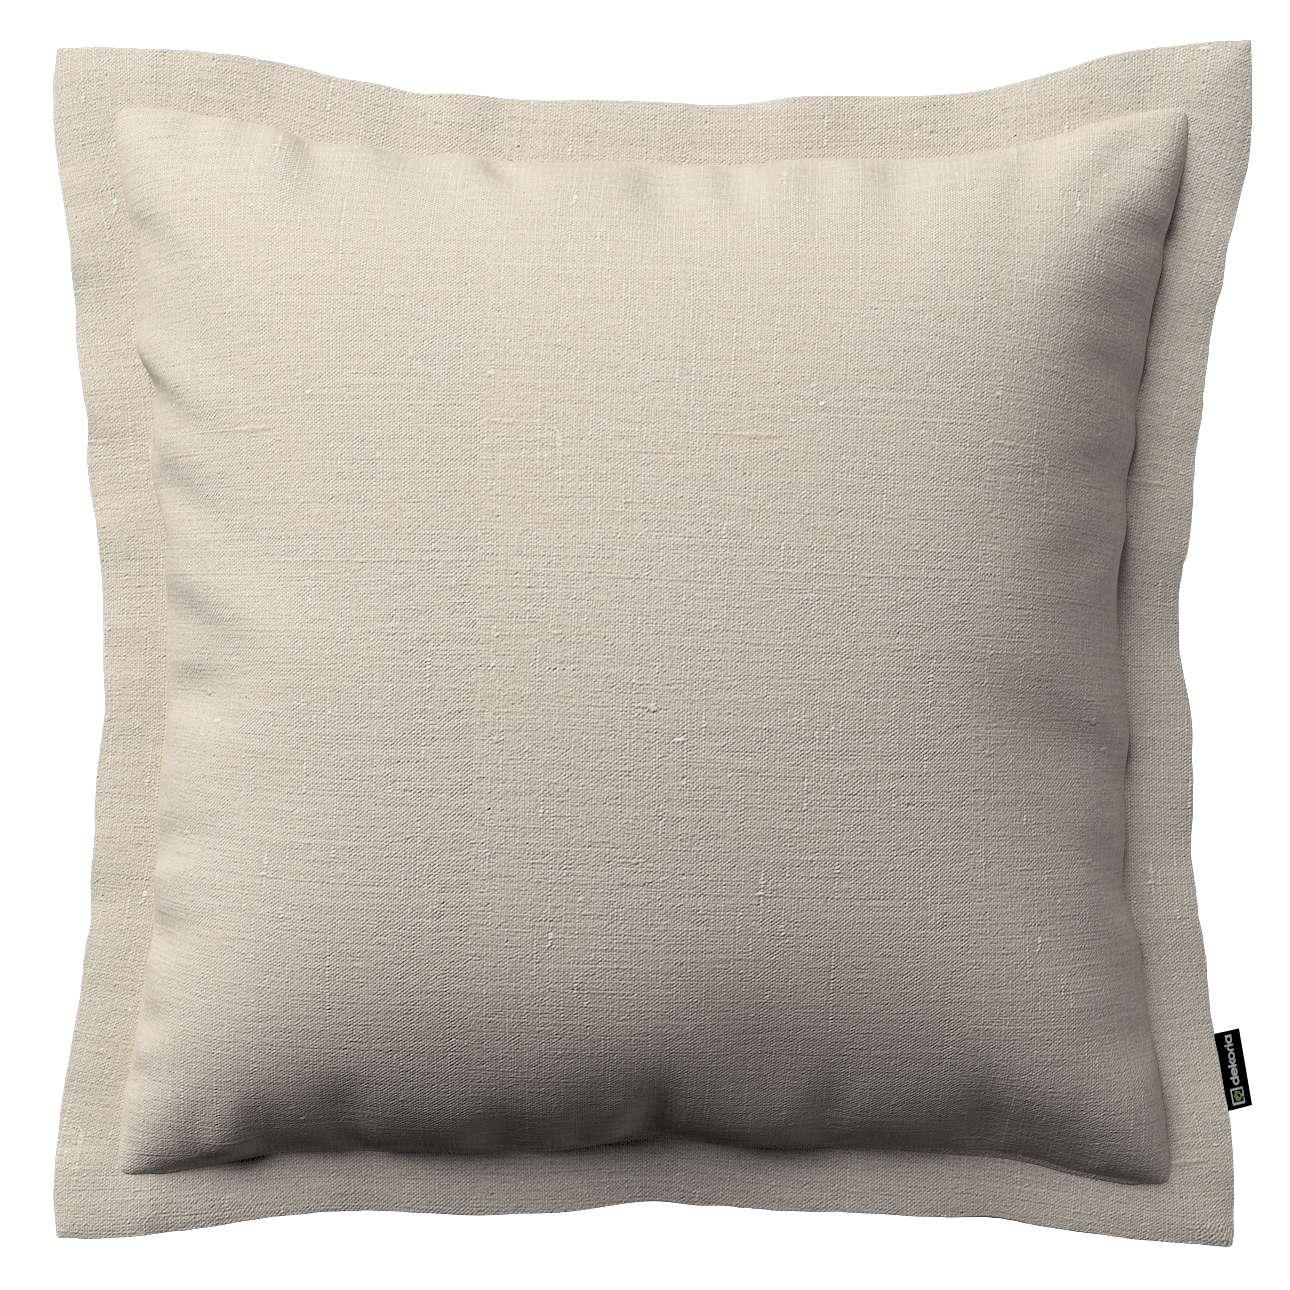 Mona dekoratyvinių pagalvėlių užvalkalas su sienele 45 x 45cm kolekcijoje Linen , audinys: 392-05